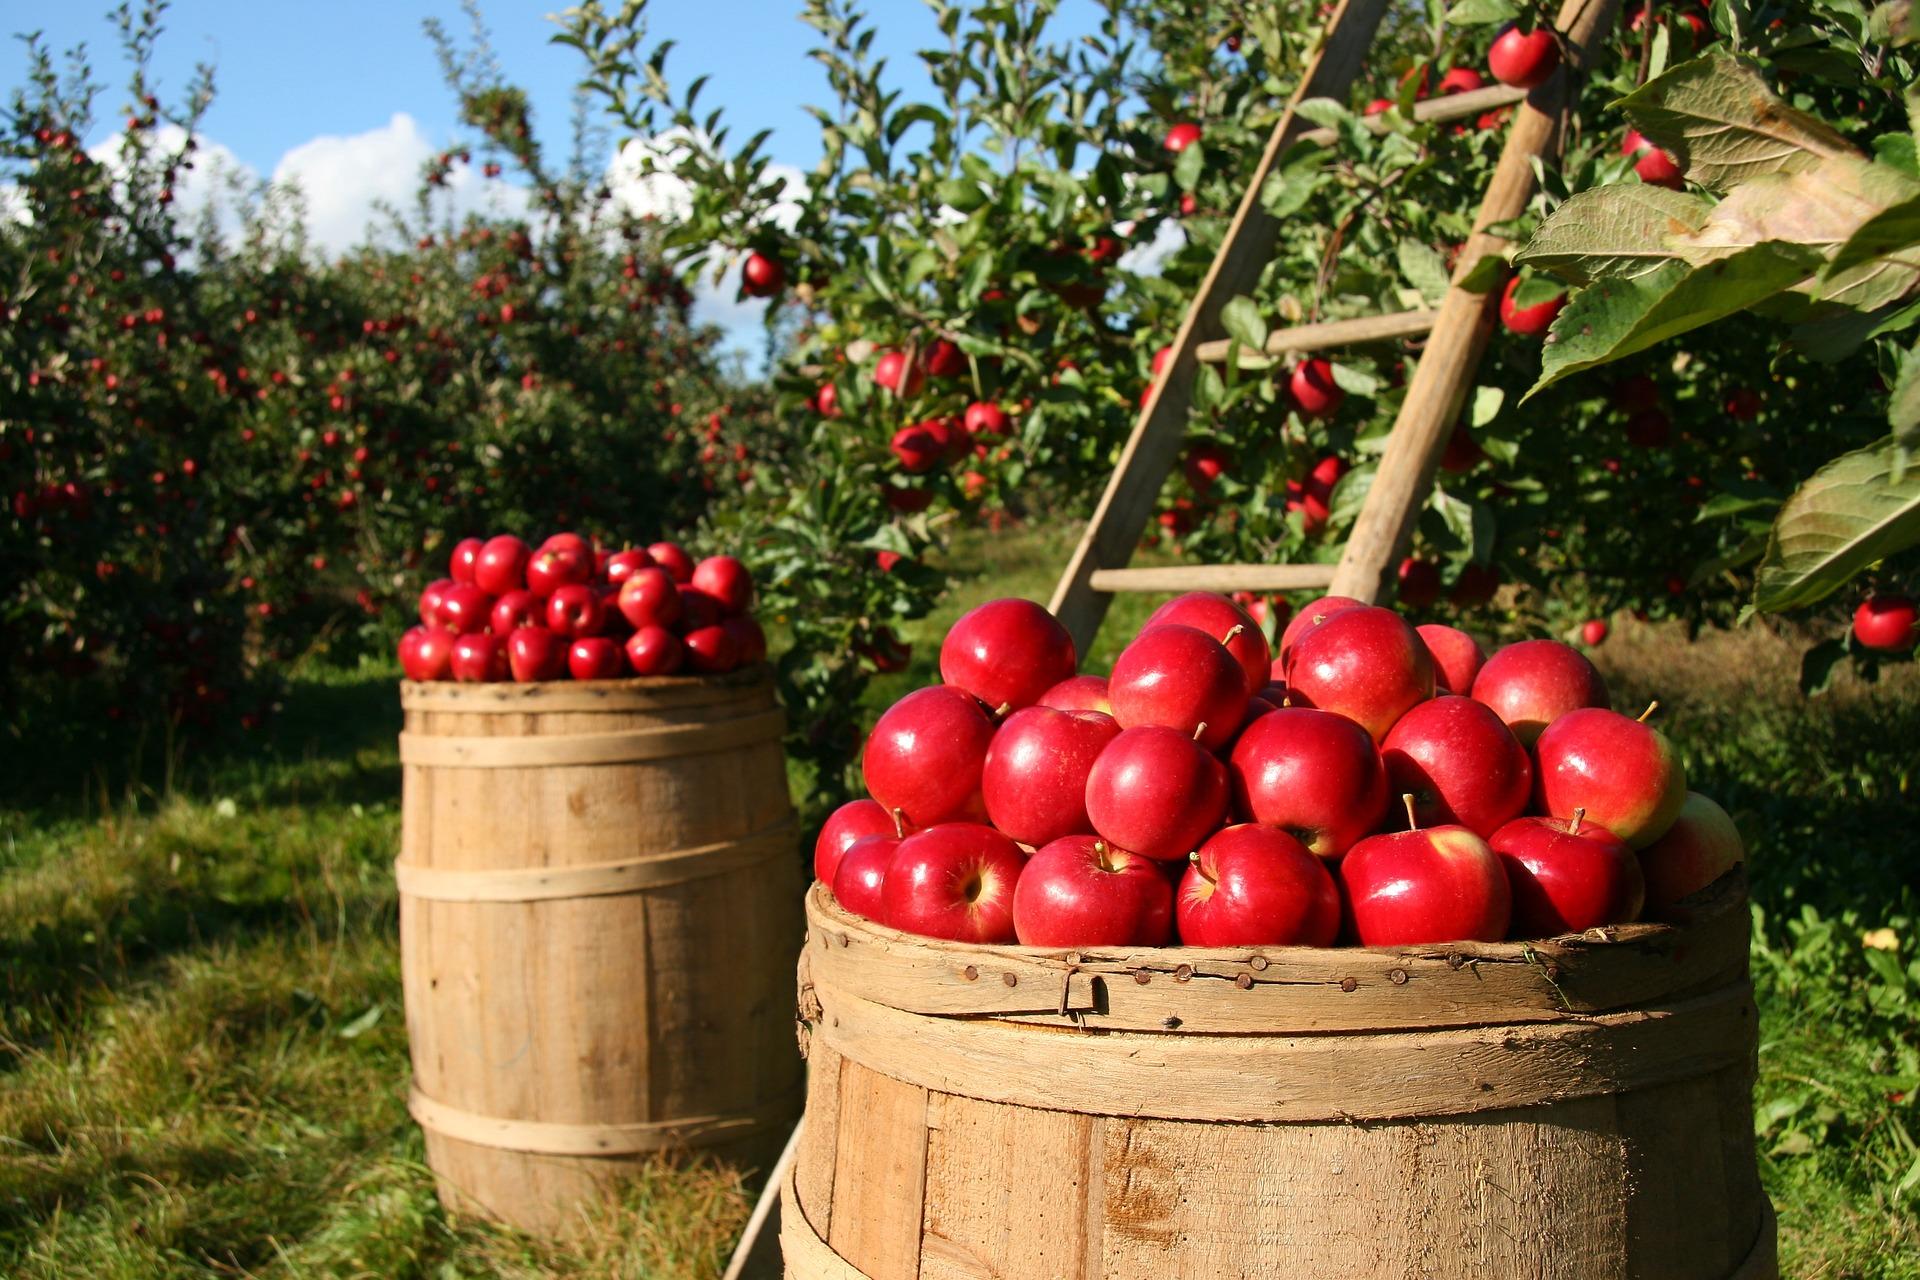 Obst und Gemüse Wirtz in Bockum und Hüls